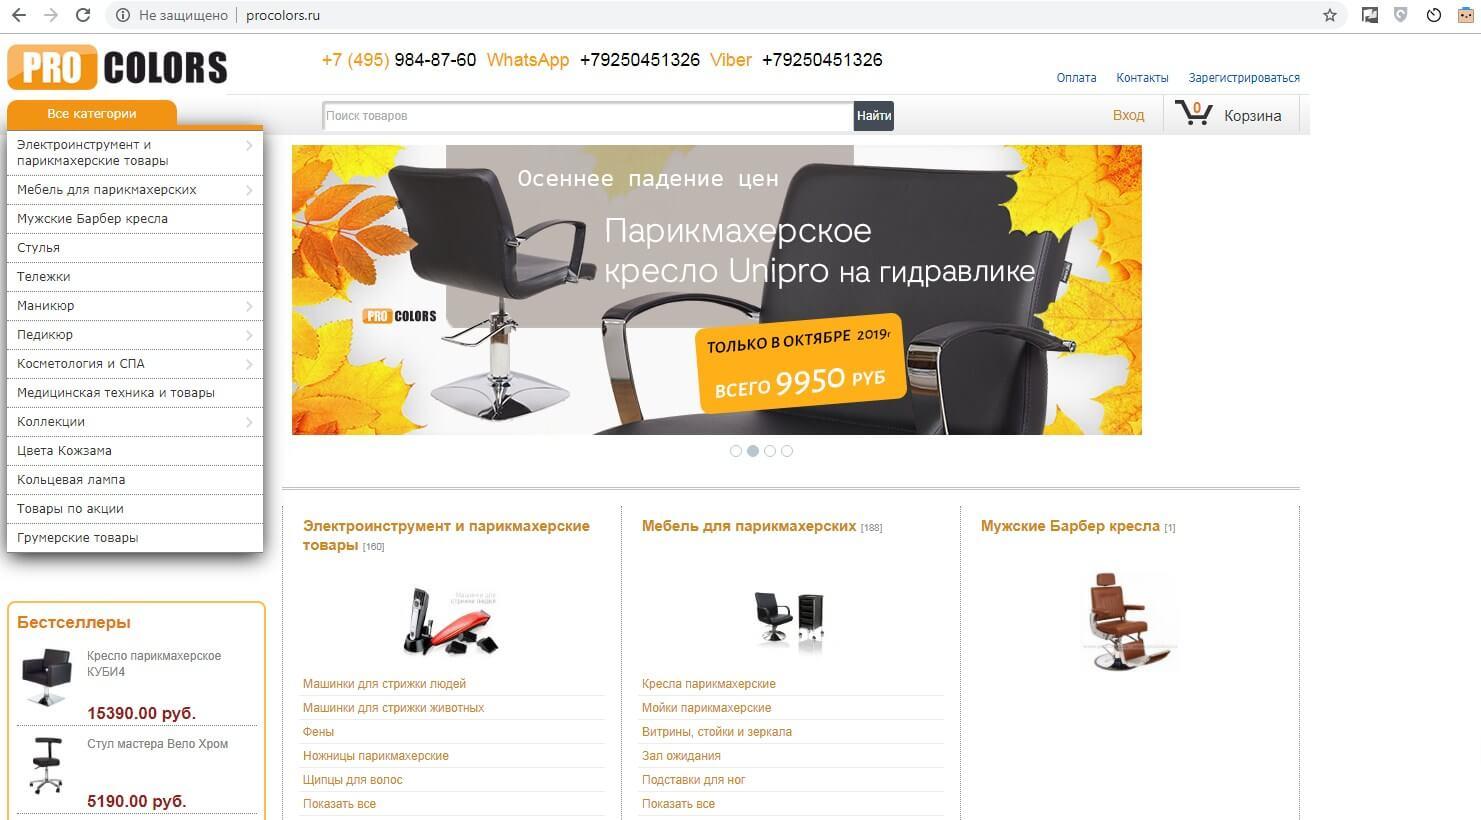 Procolors - Парикмахерское оборудование - рейтинг производителей